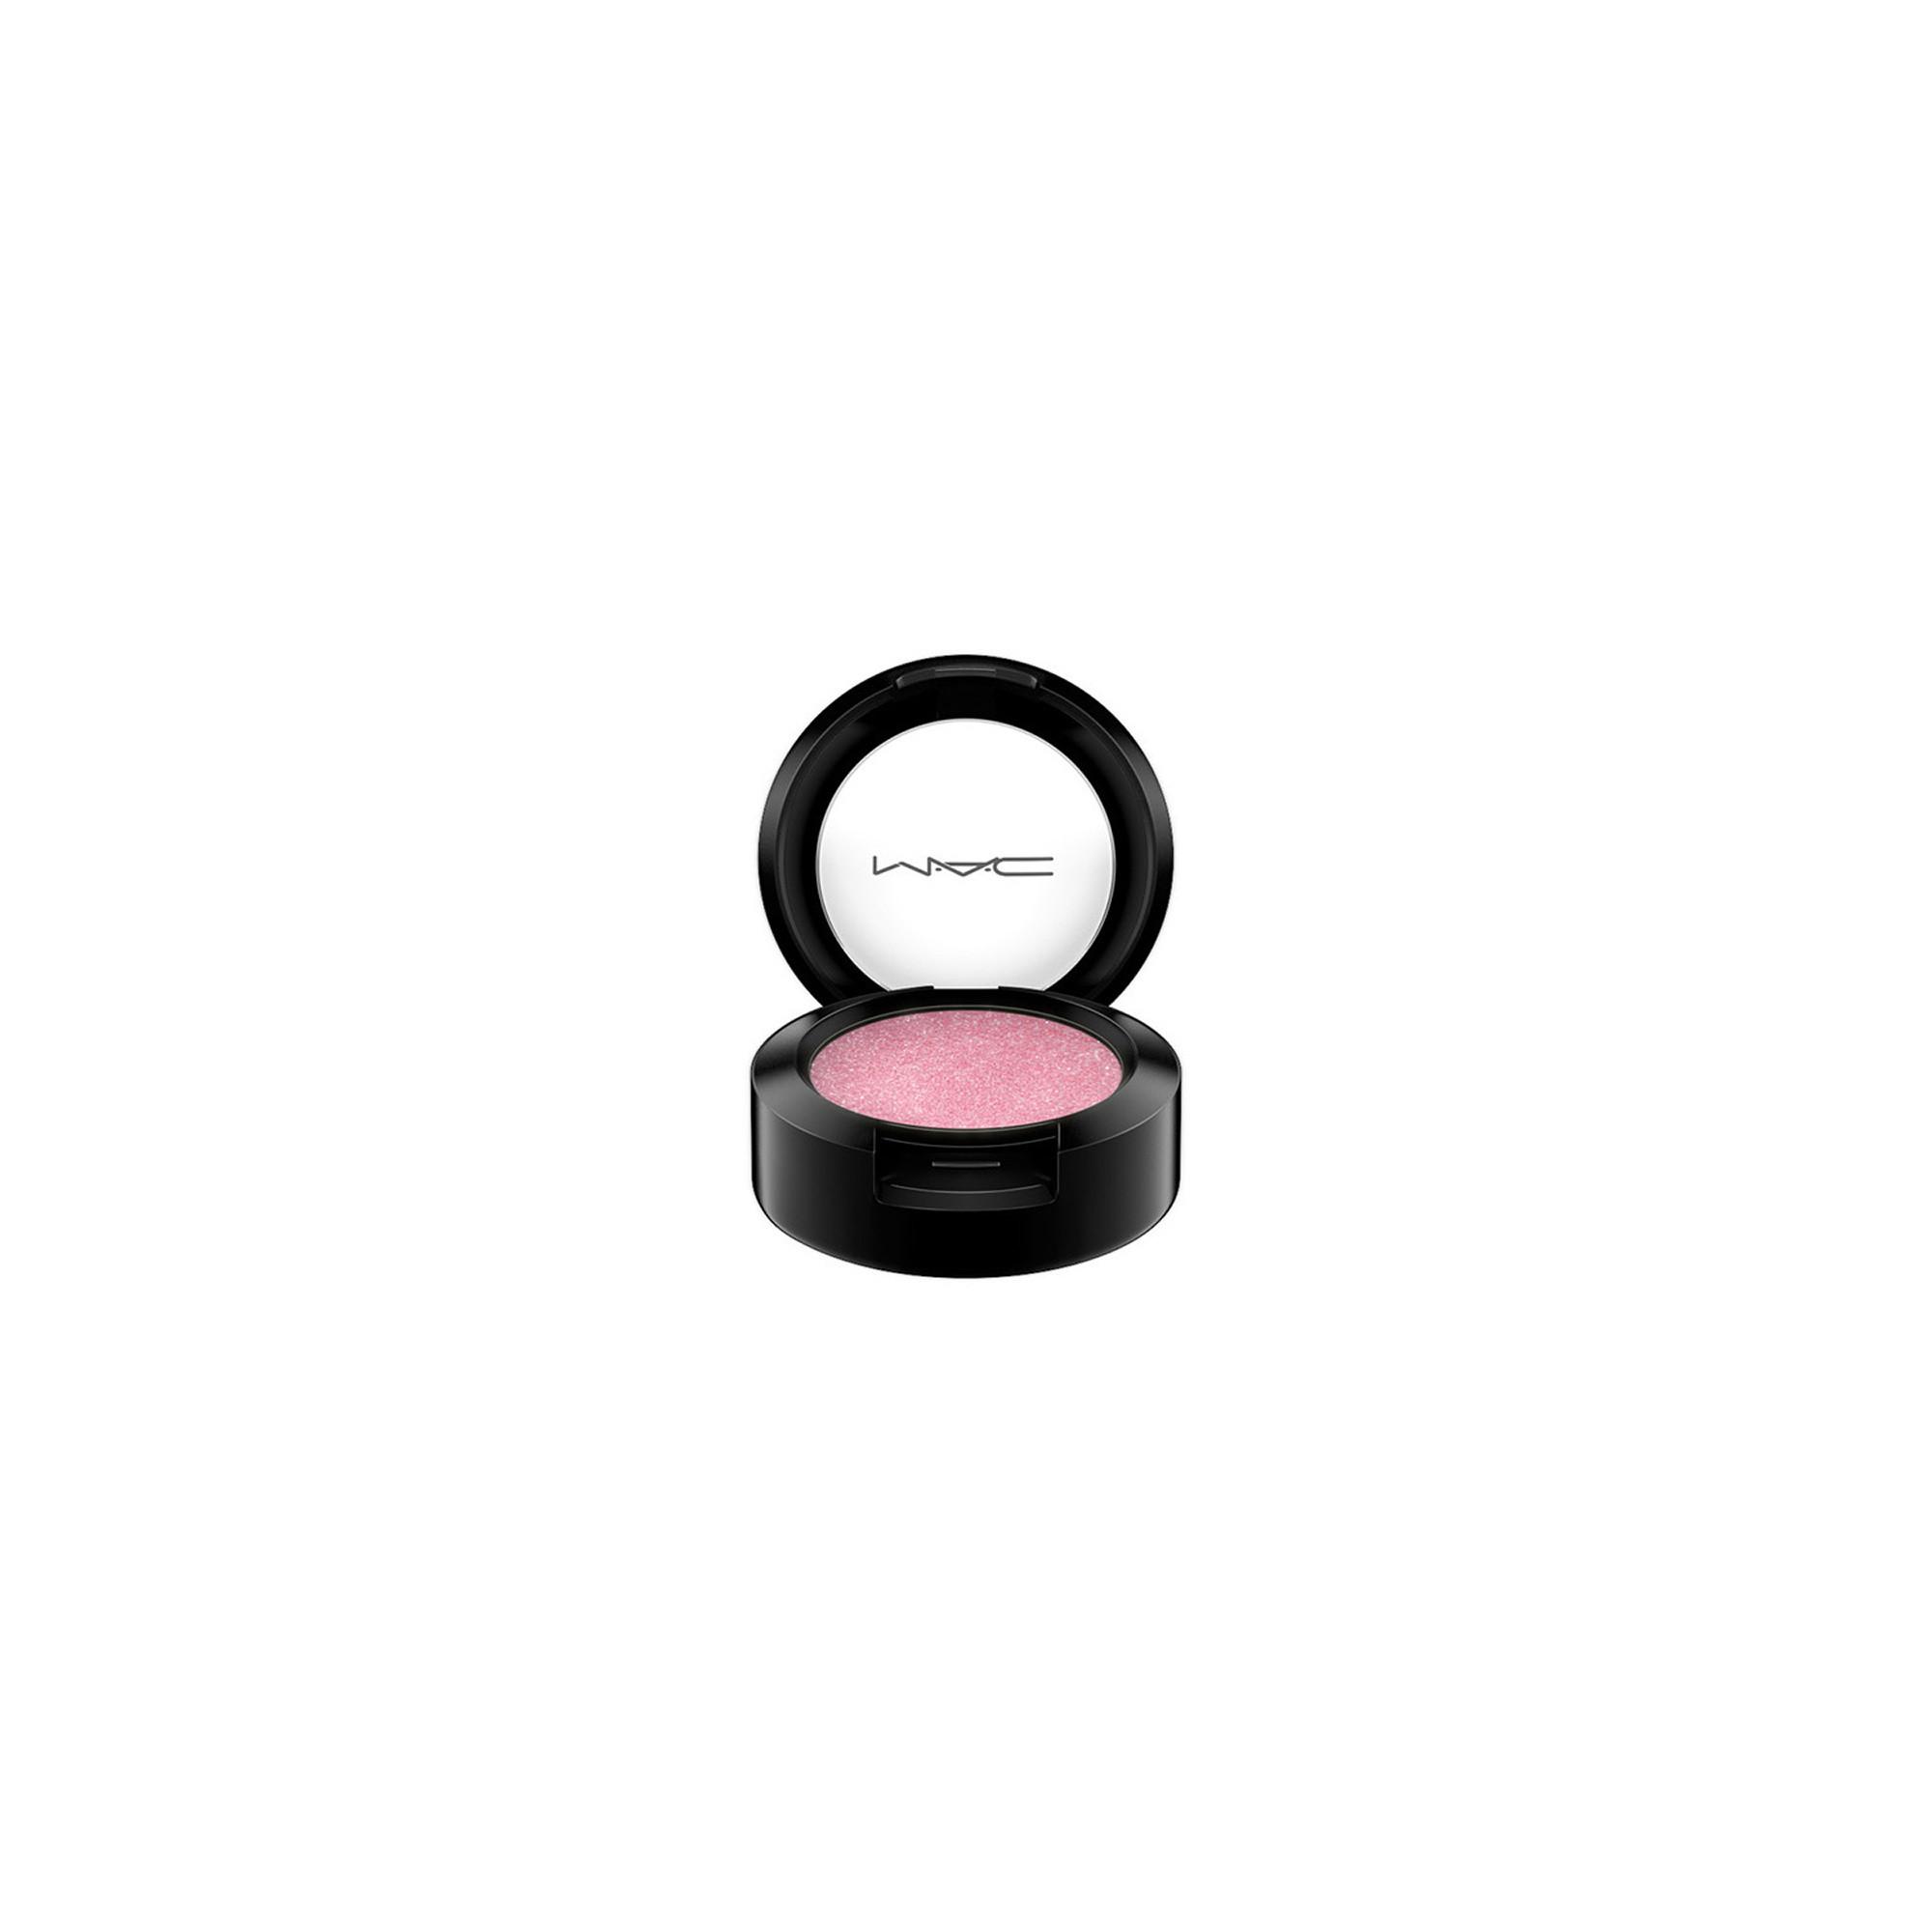 Eye Shadow - Pink Venus, PINK VENUS, large image number 0